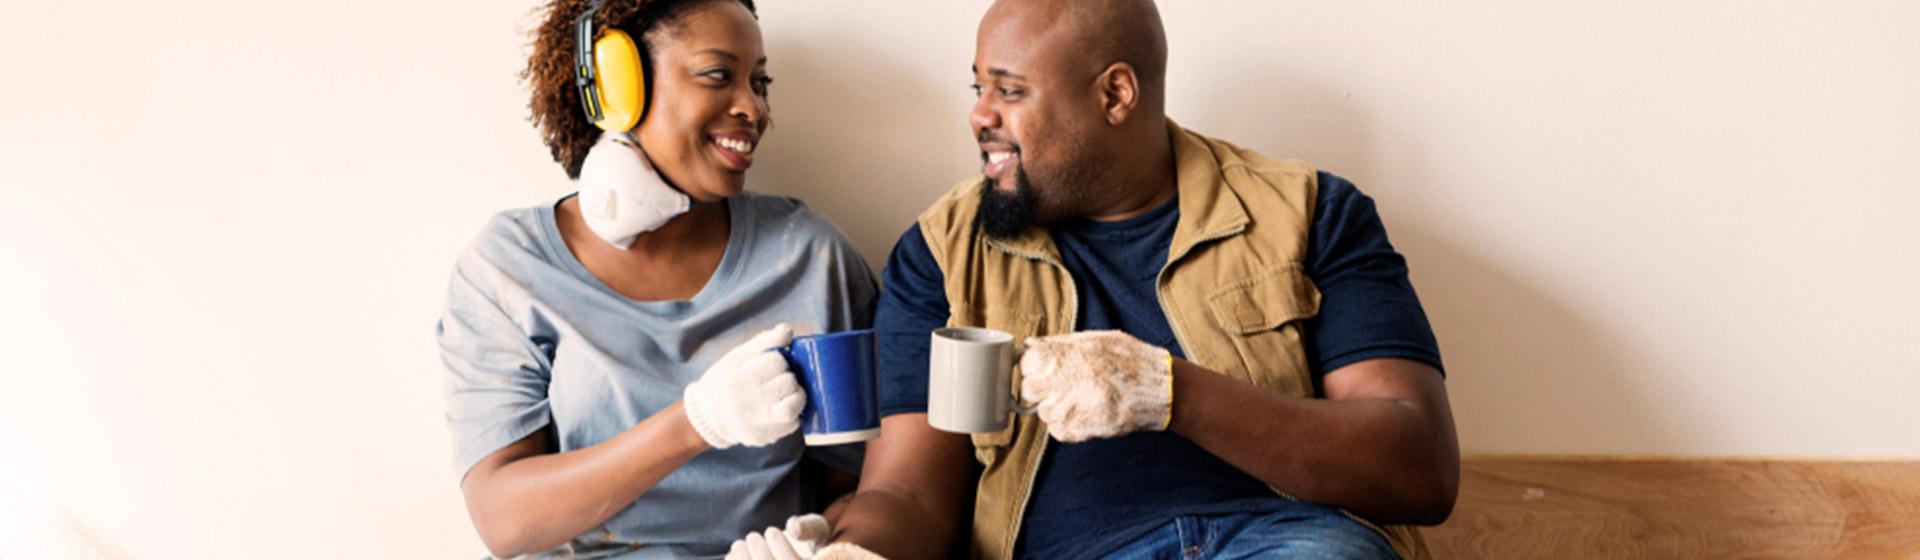 Samenwonen: zo regel je de woonverzekeringen